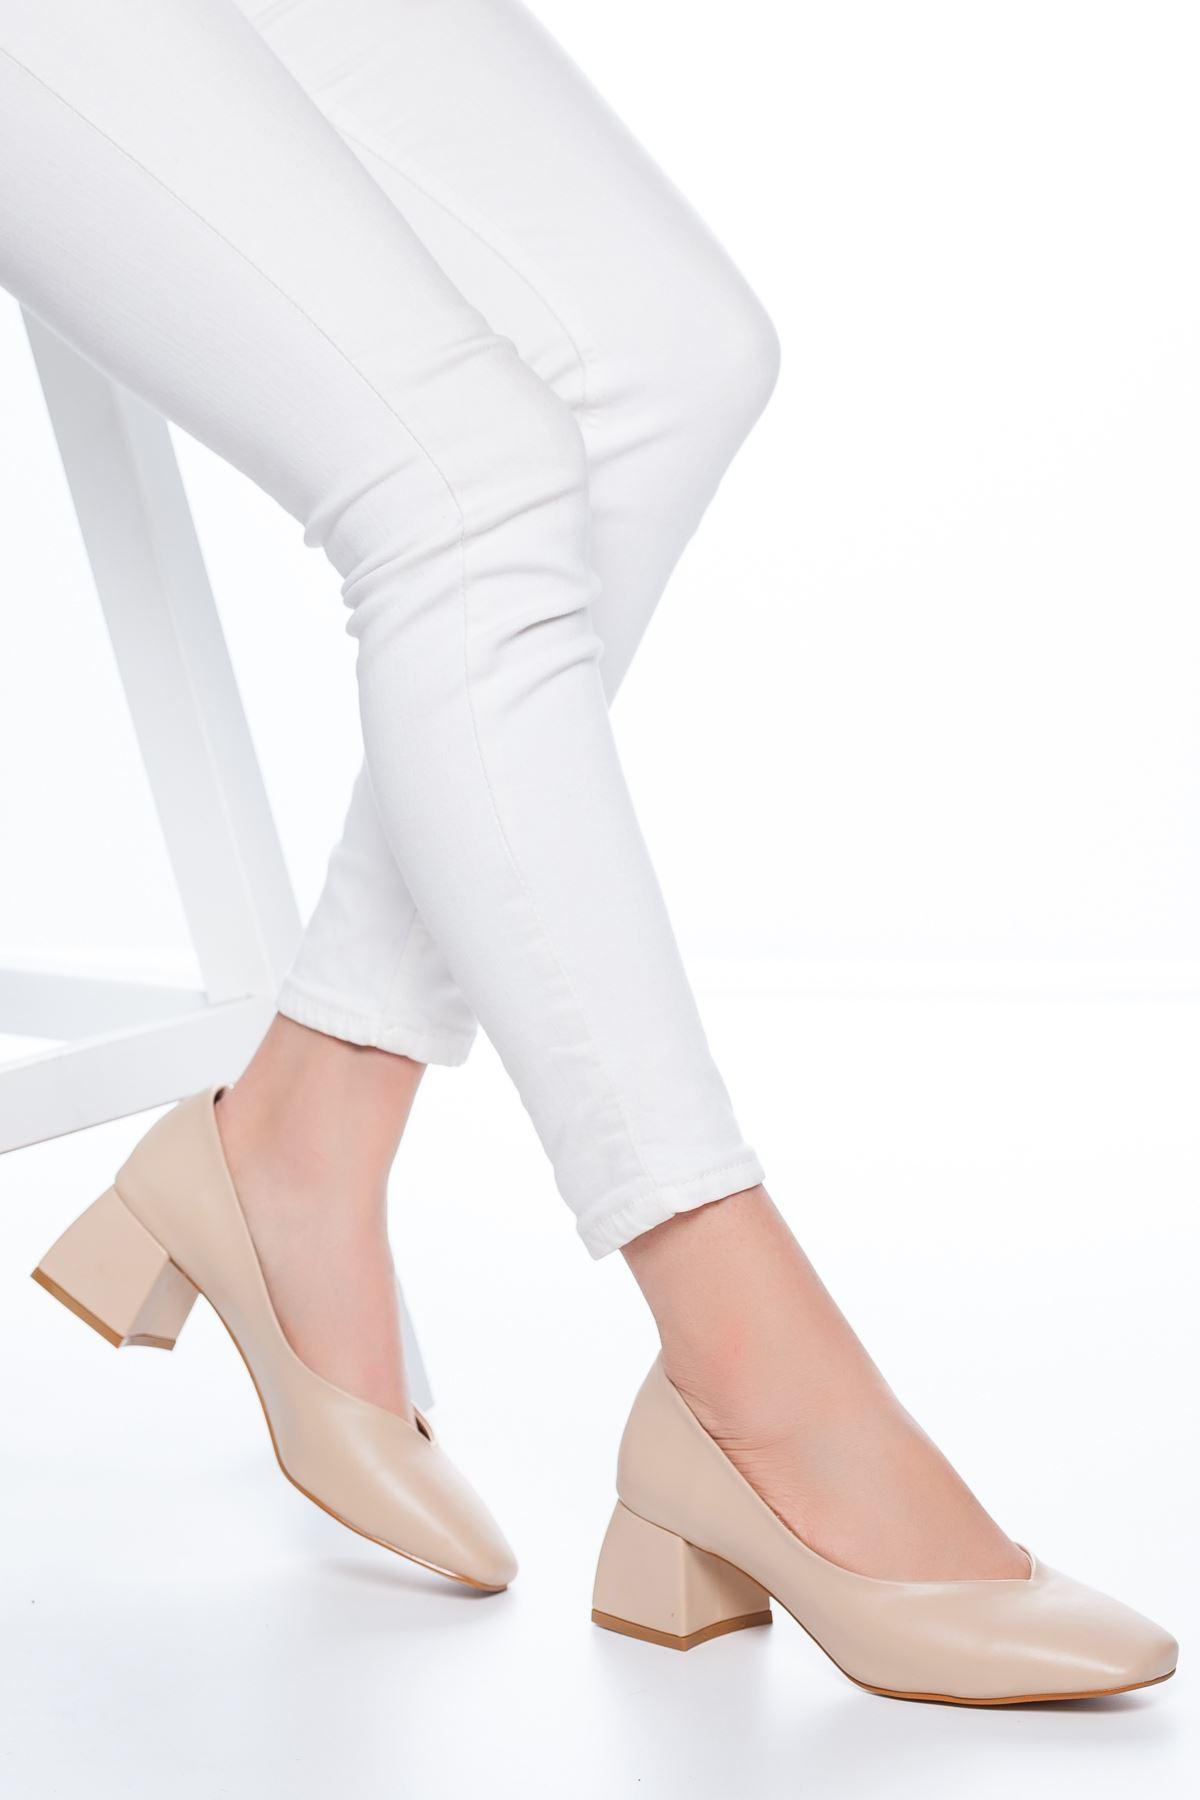 Adela Küt Burun Topuklu Cilt Ayakkabı Ten